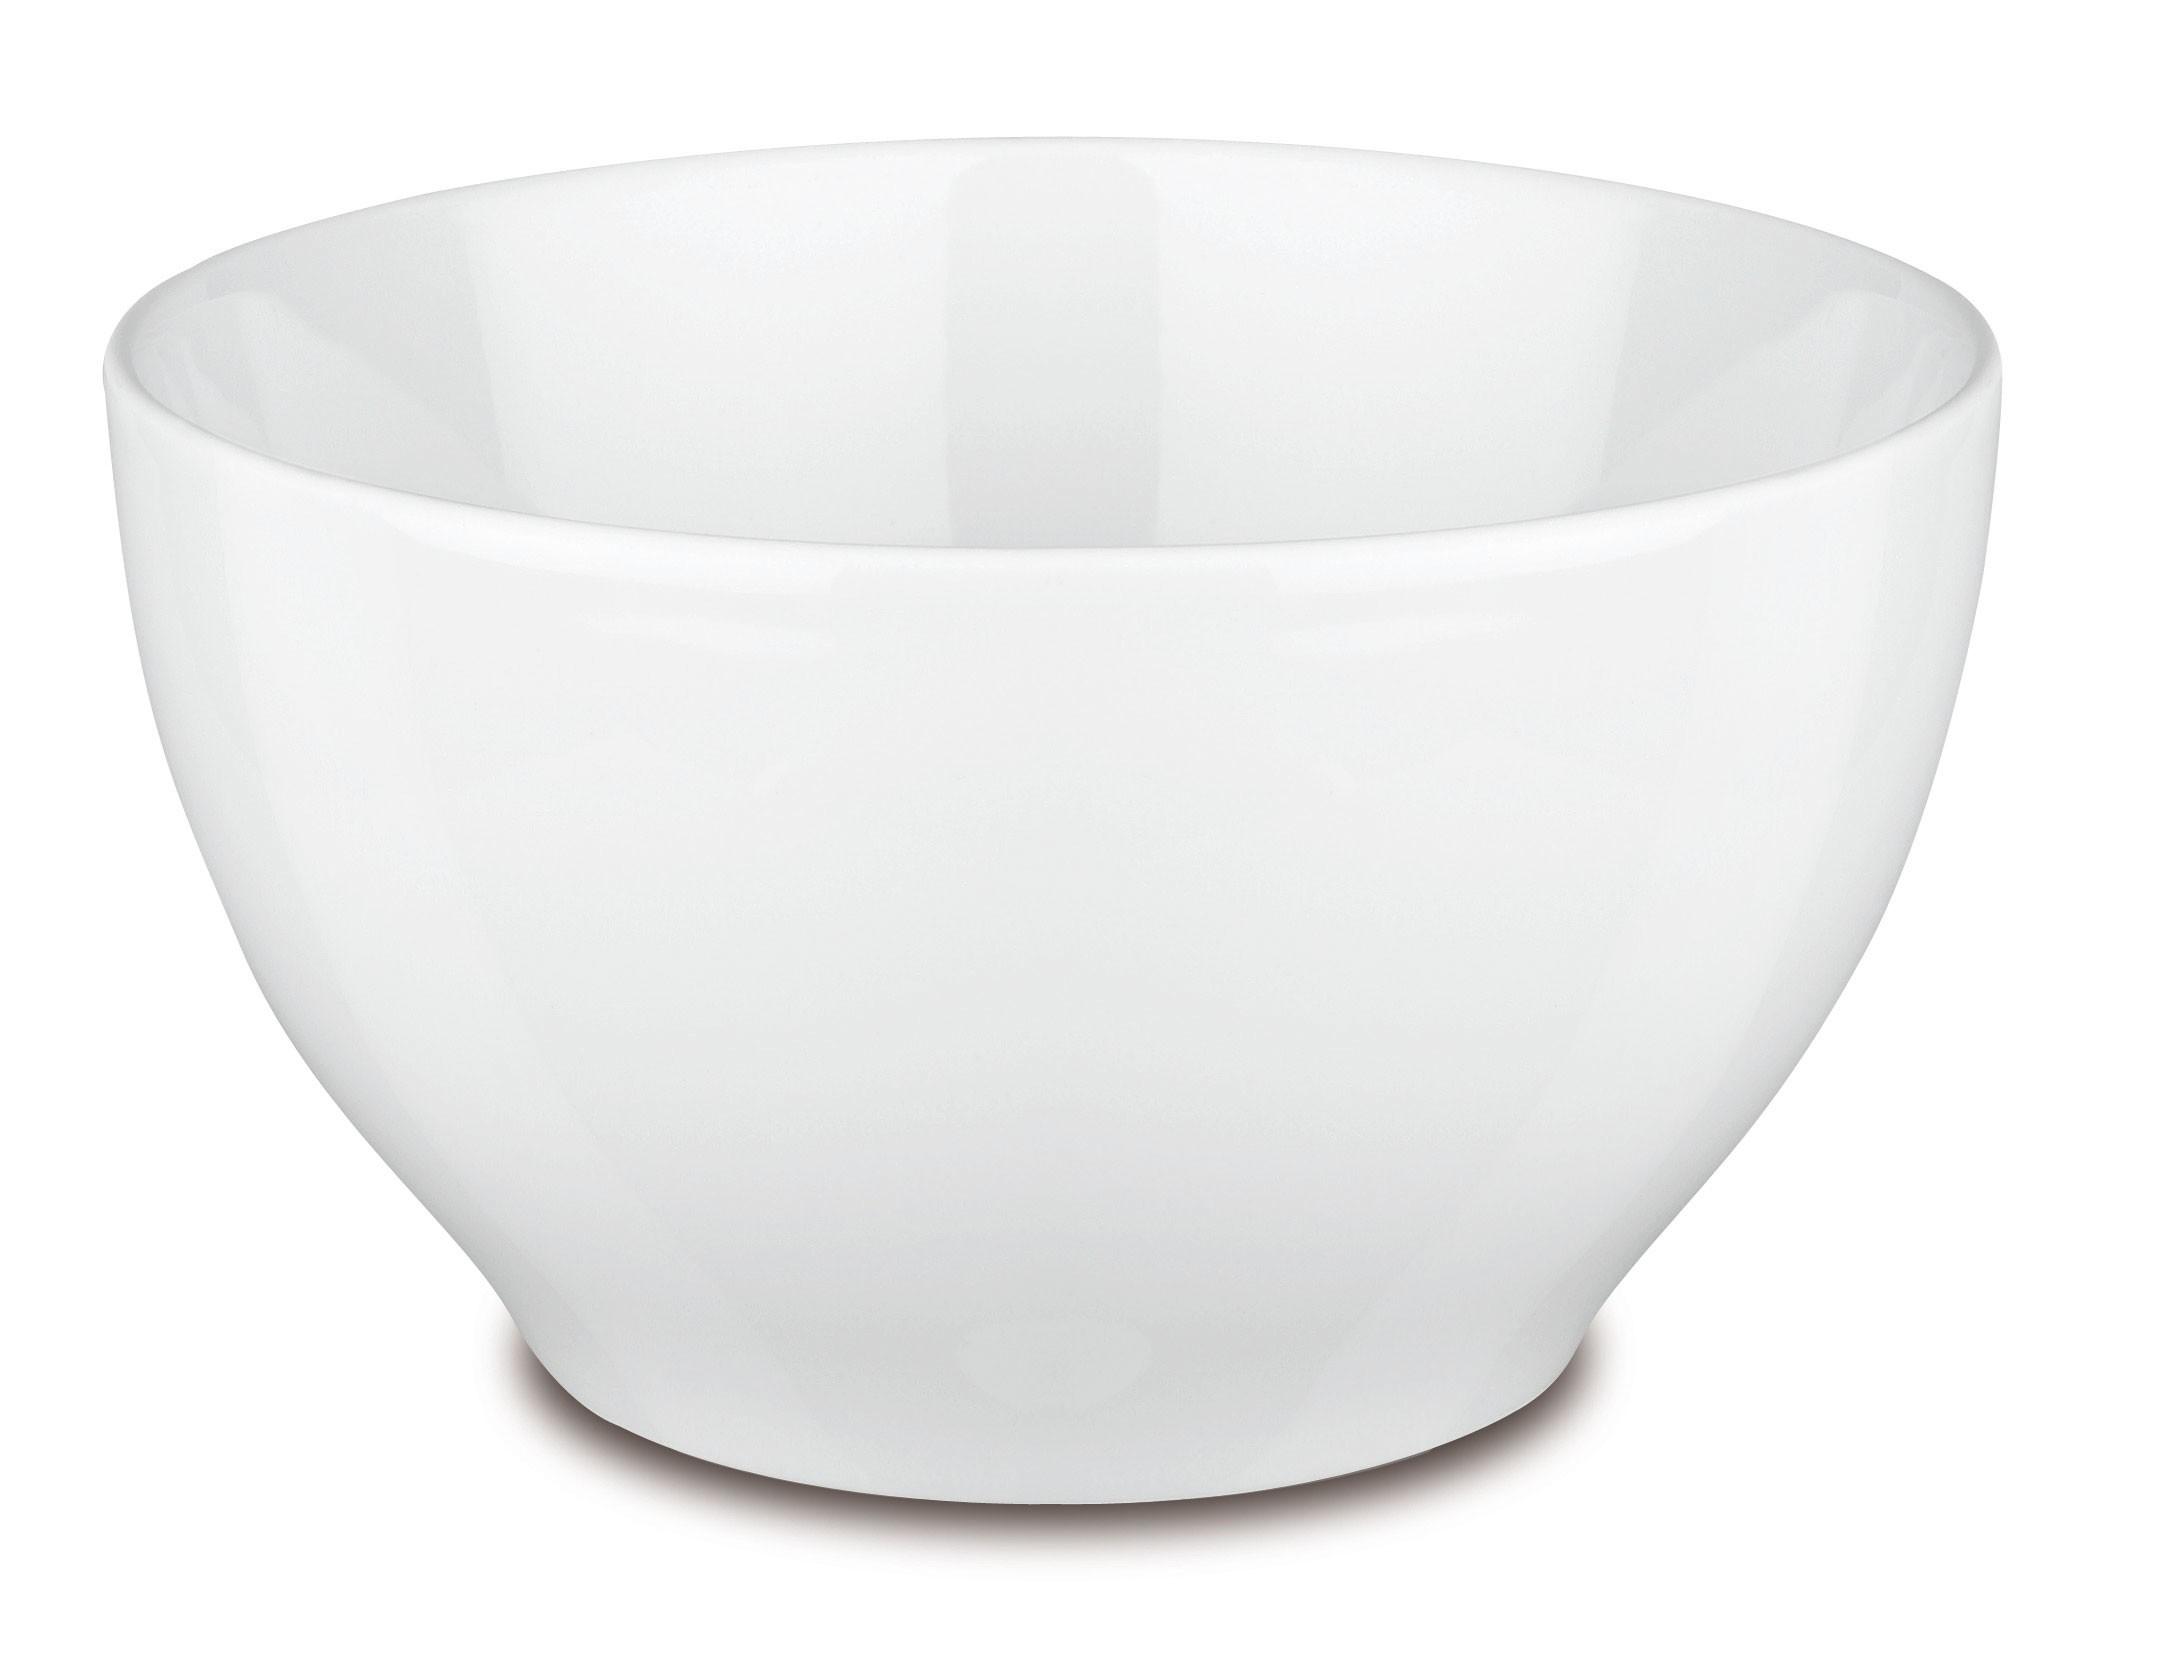 objet publicitaire - bol porcelaine personnalisable Fancy